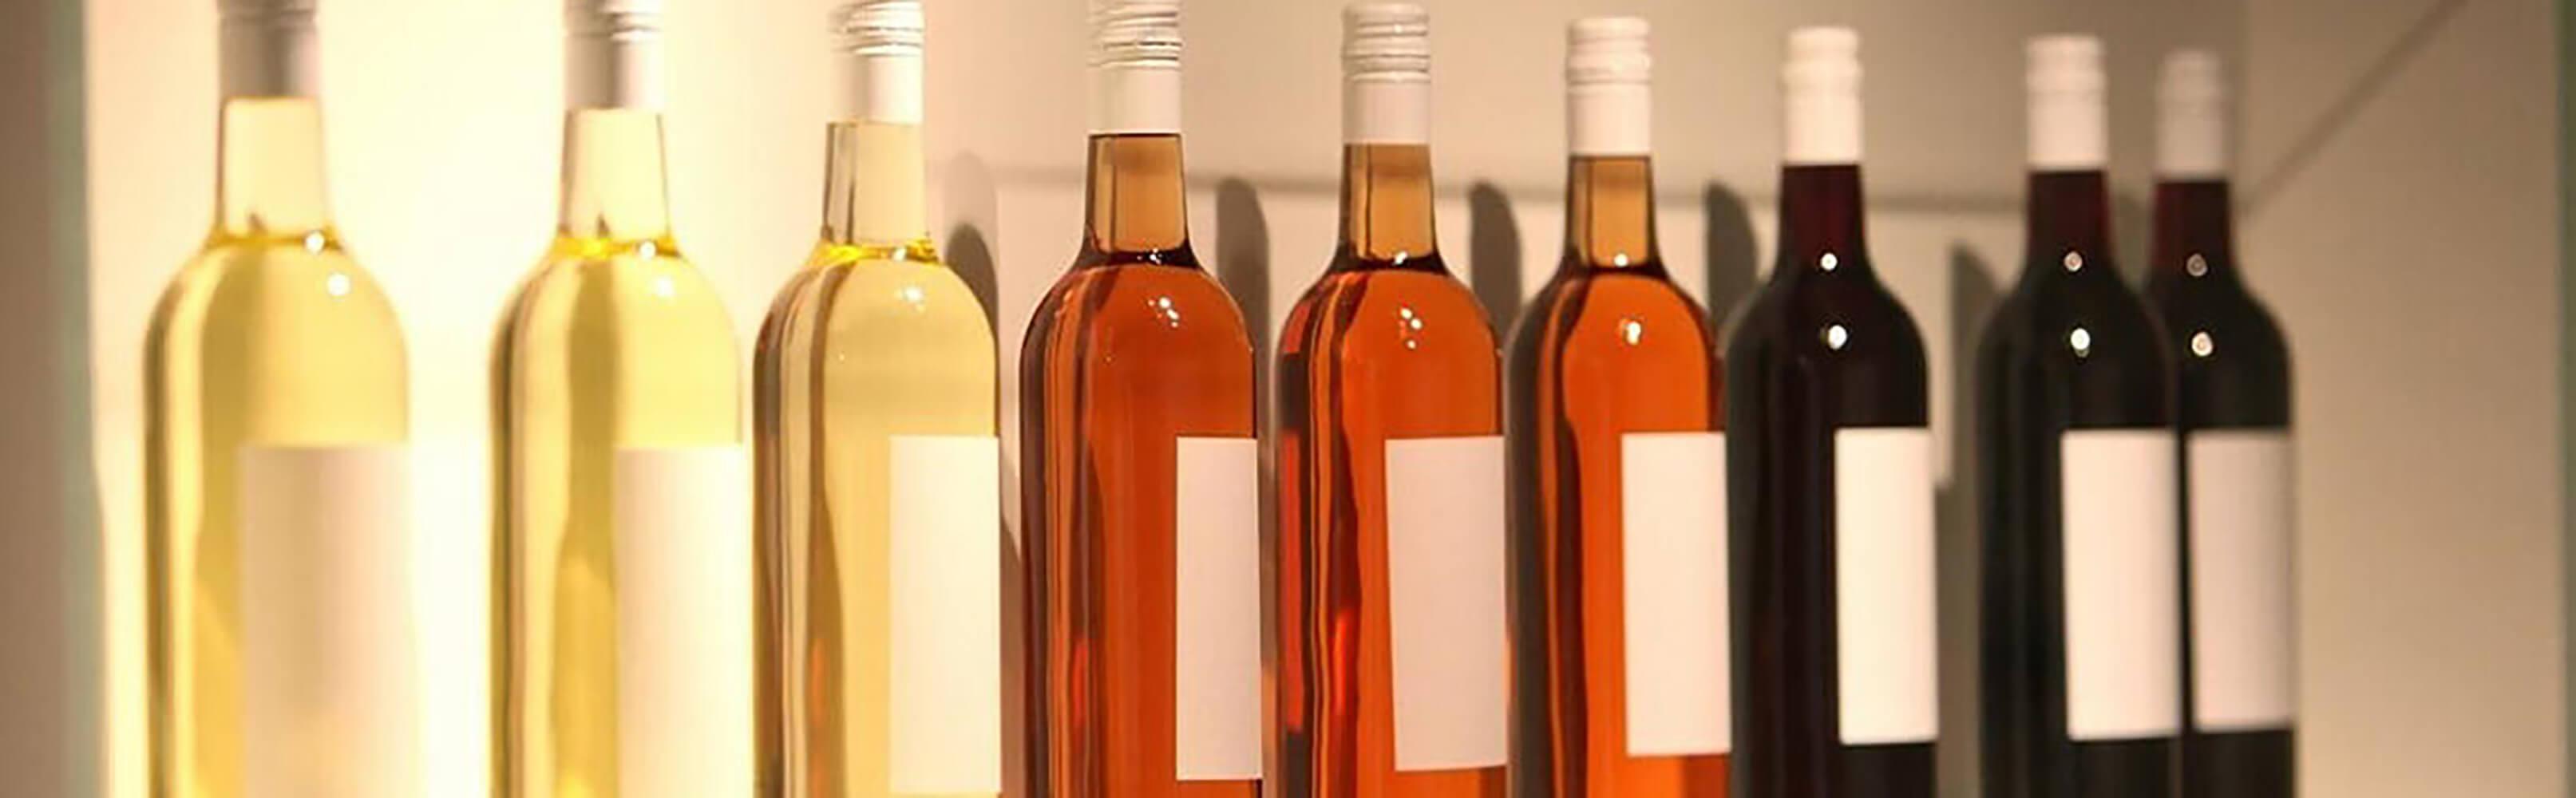 Musée de la vigne et du vin - Weinmuseum Aigle 1